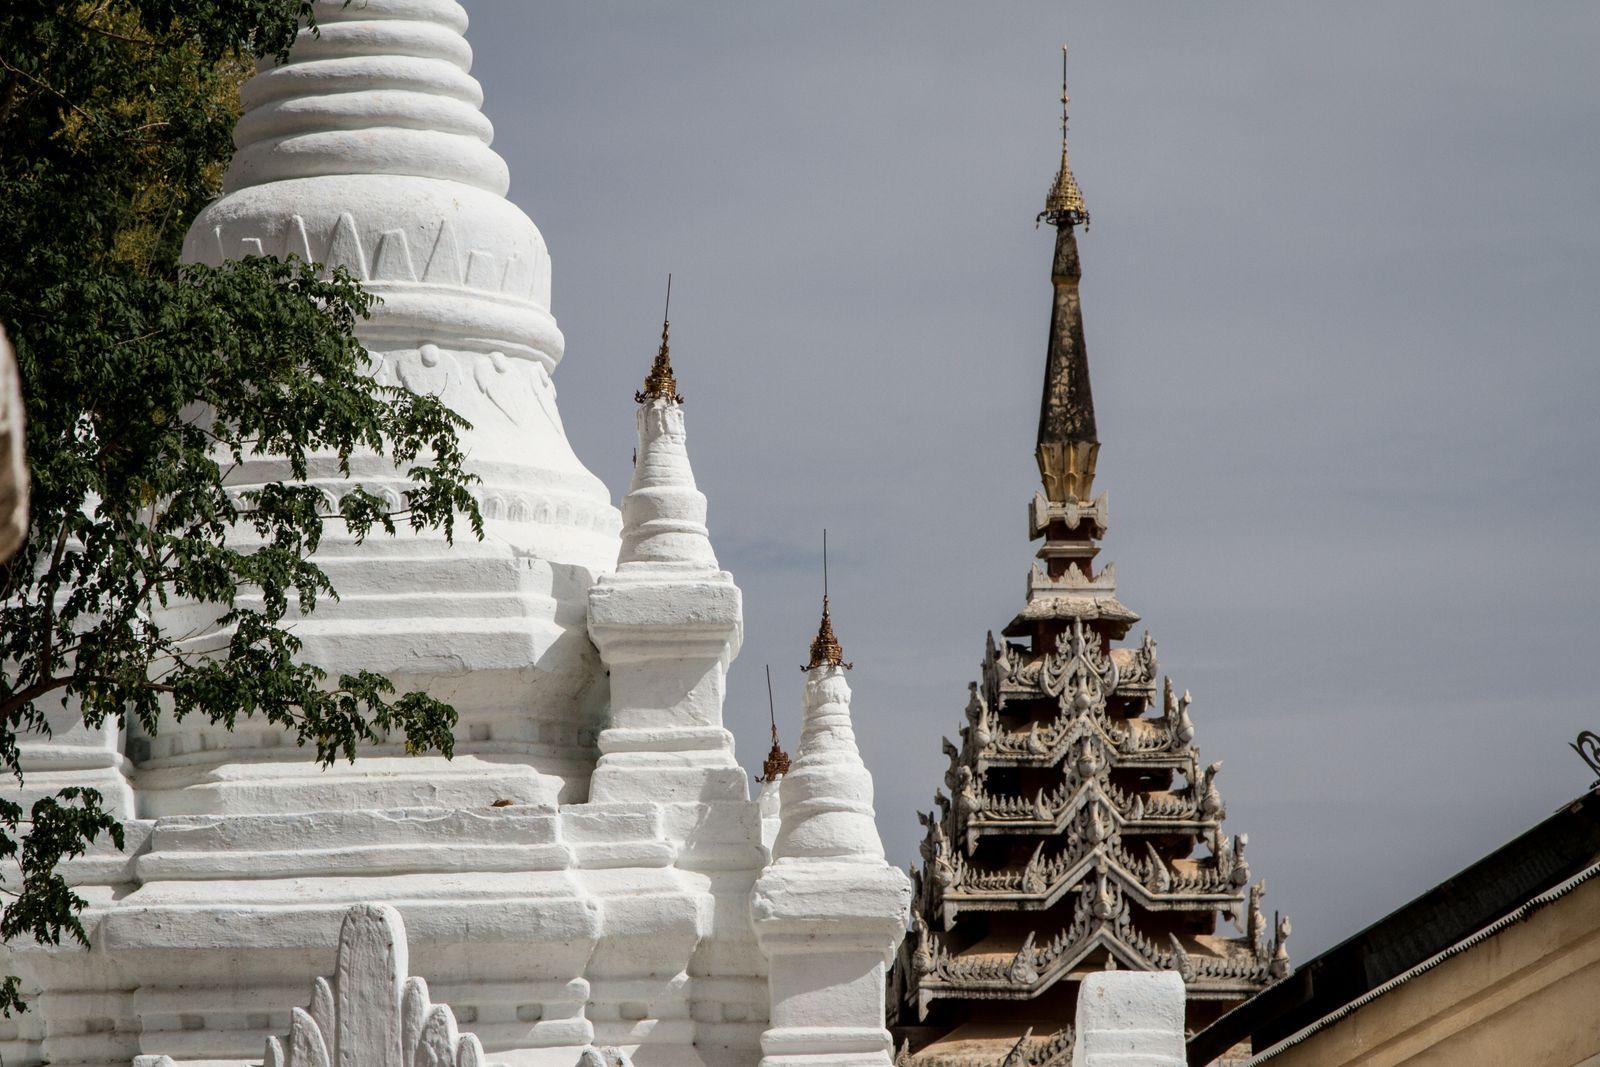 2014: MYANMAR - Bagan